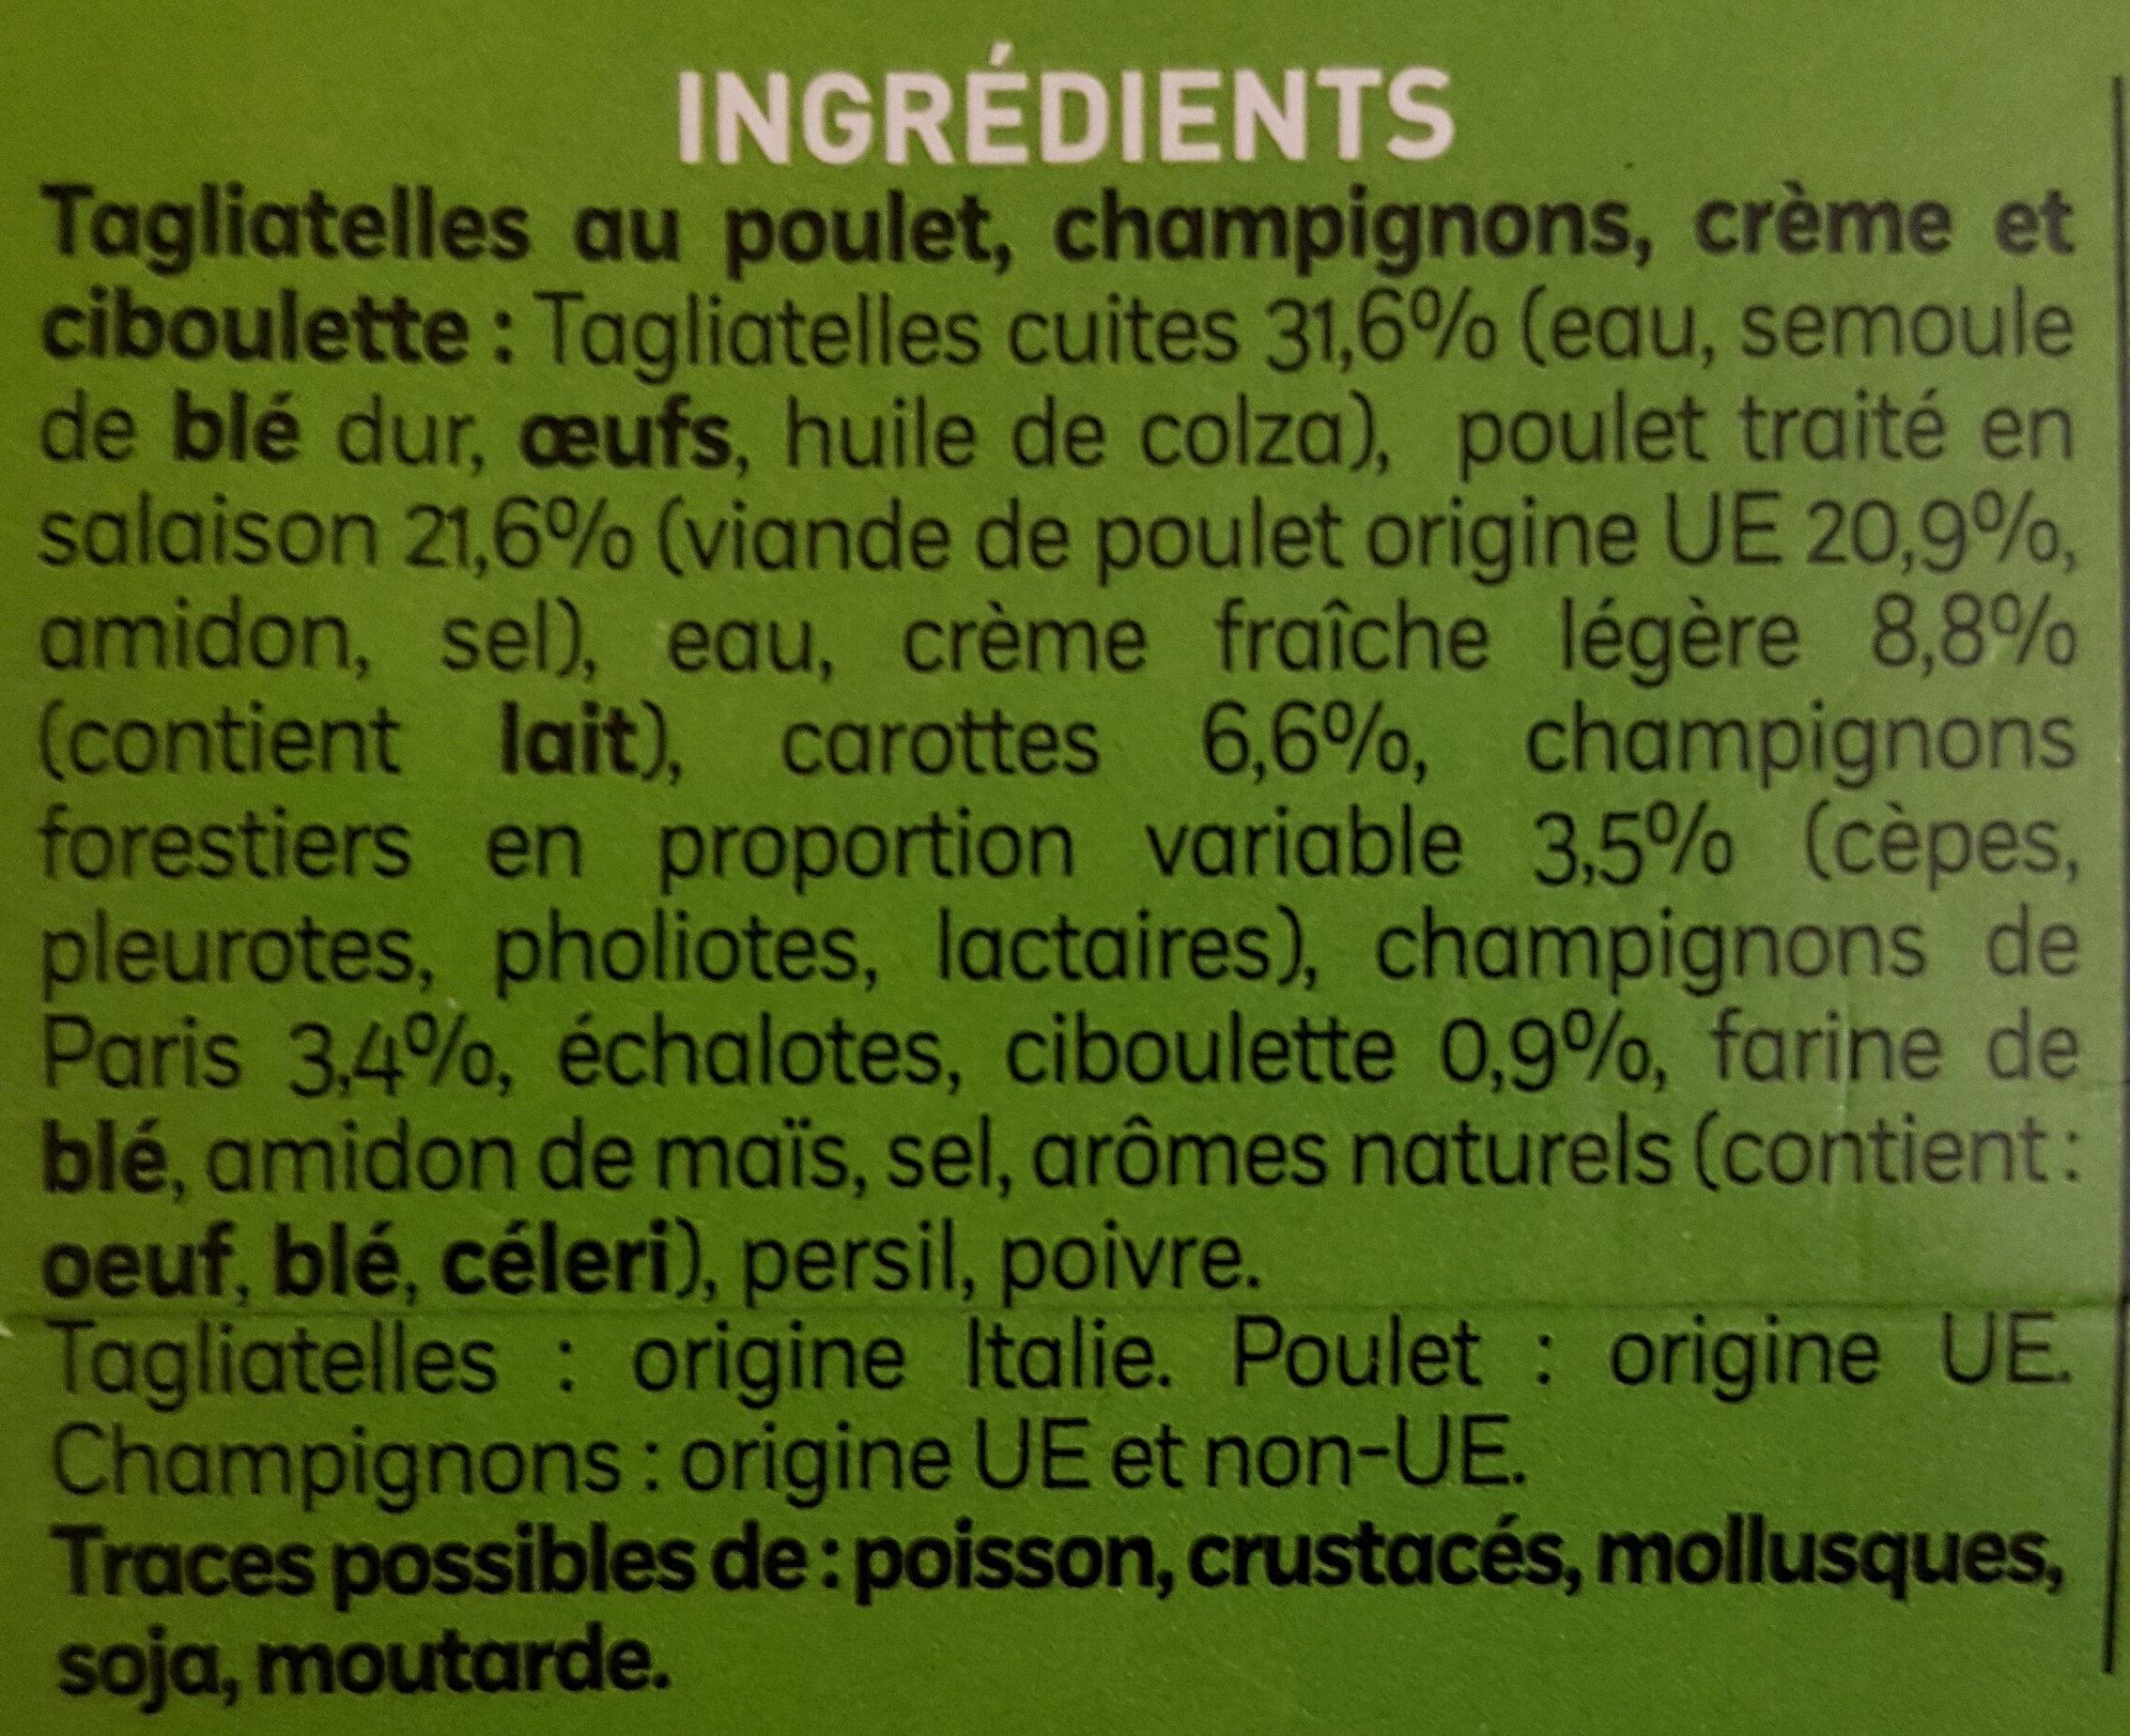 Tagliatelles au Poulet, Champignons, Crème - 成分 - fr